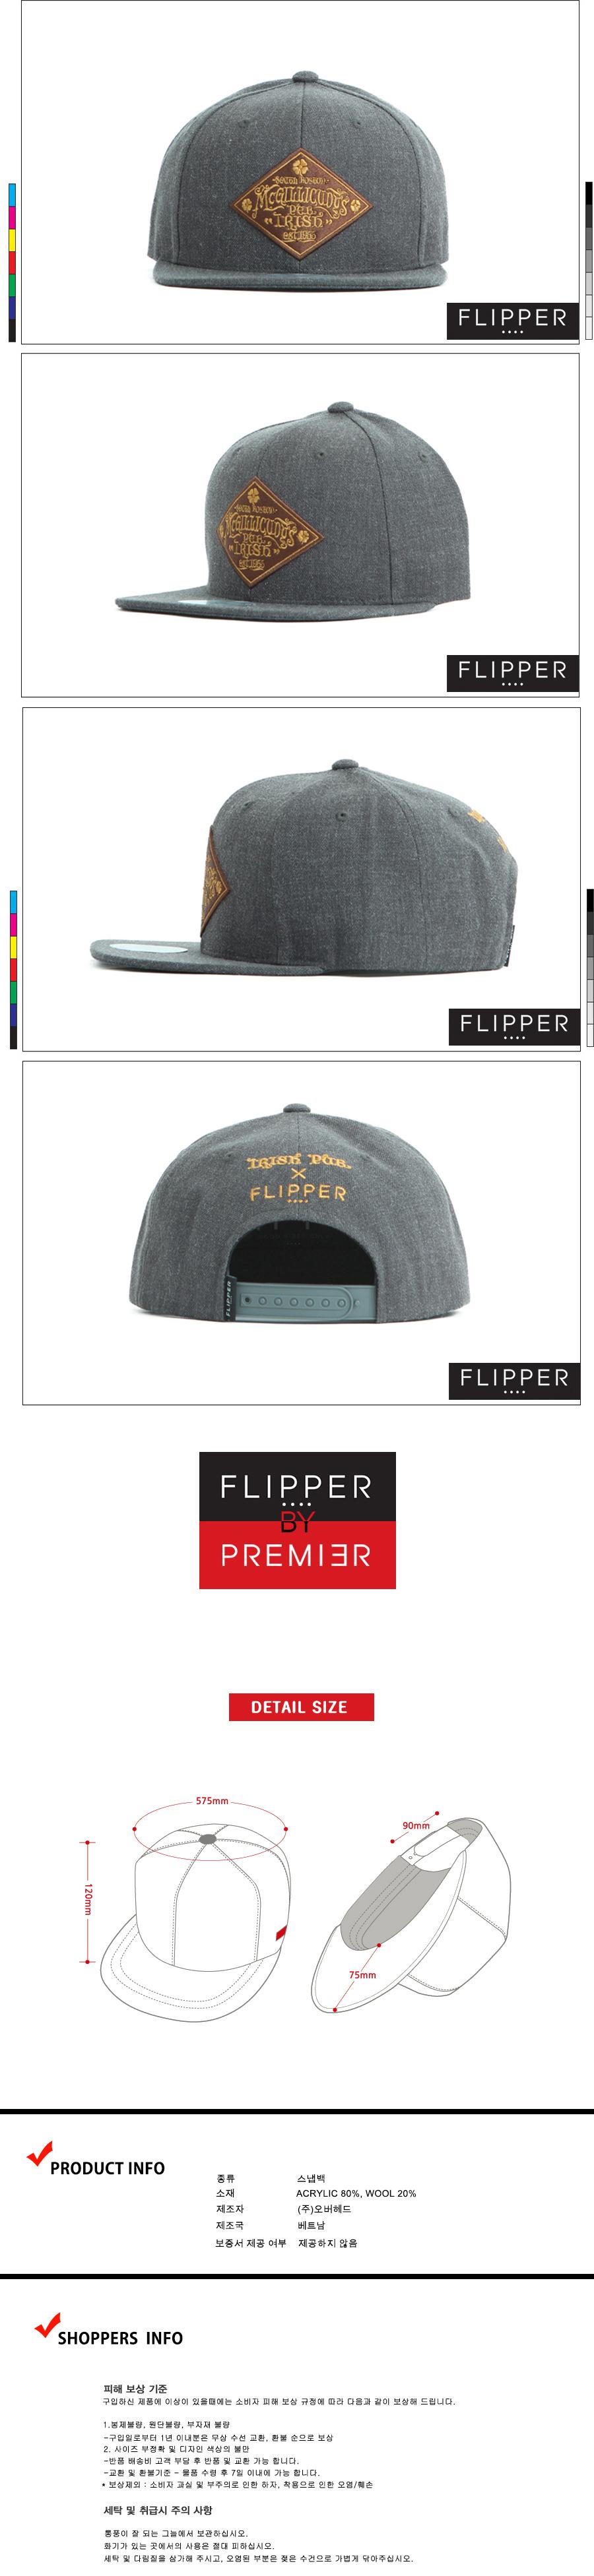 [ PREMIER ] [Premier] Flipper Snapback Flipper Irish Pub Charcoal (FL035)